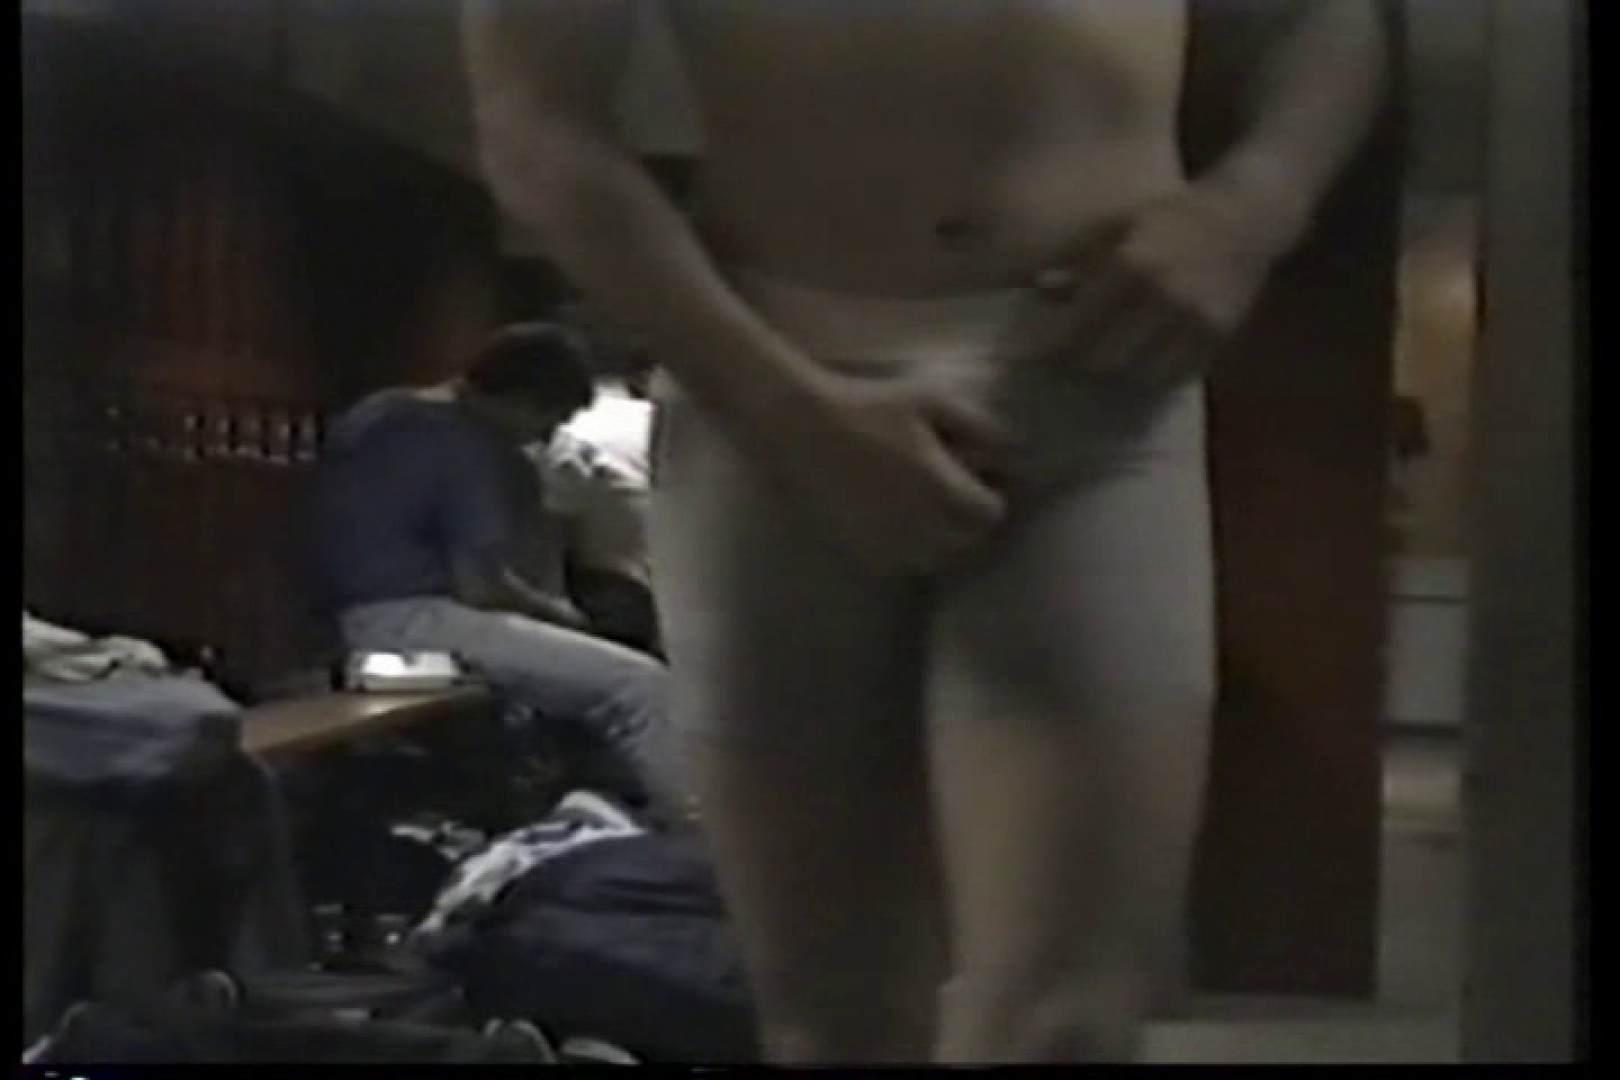 洋人さんの脱衣所を覗いてみました。VOL.5 ボーイズ覗き | ガチムチマッチョ系  80pic 23